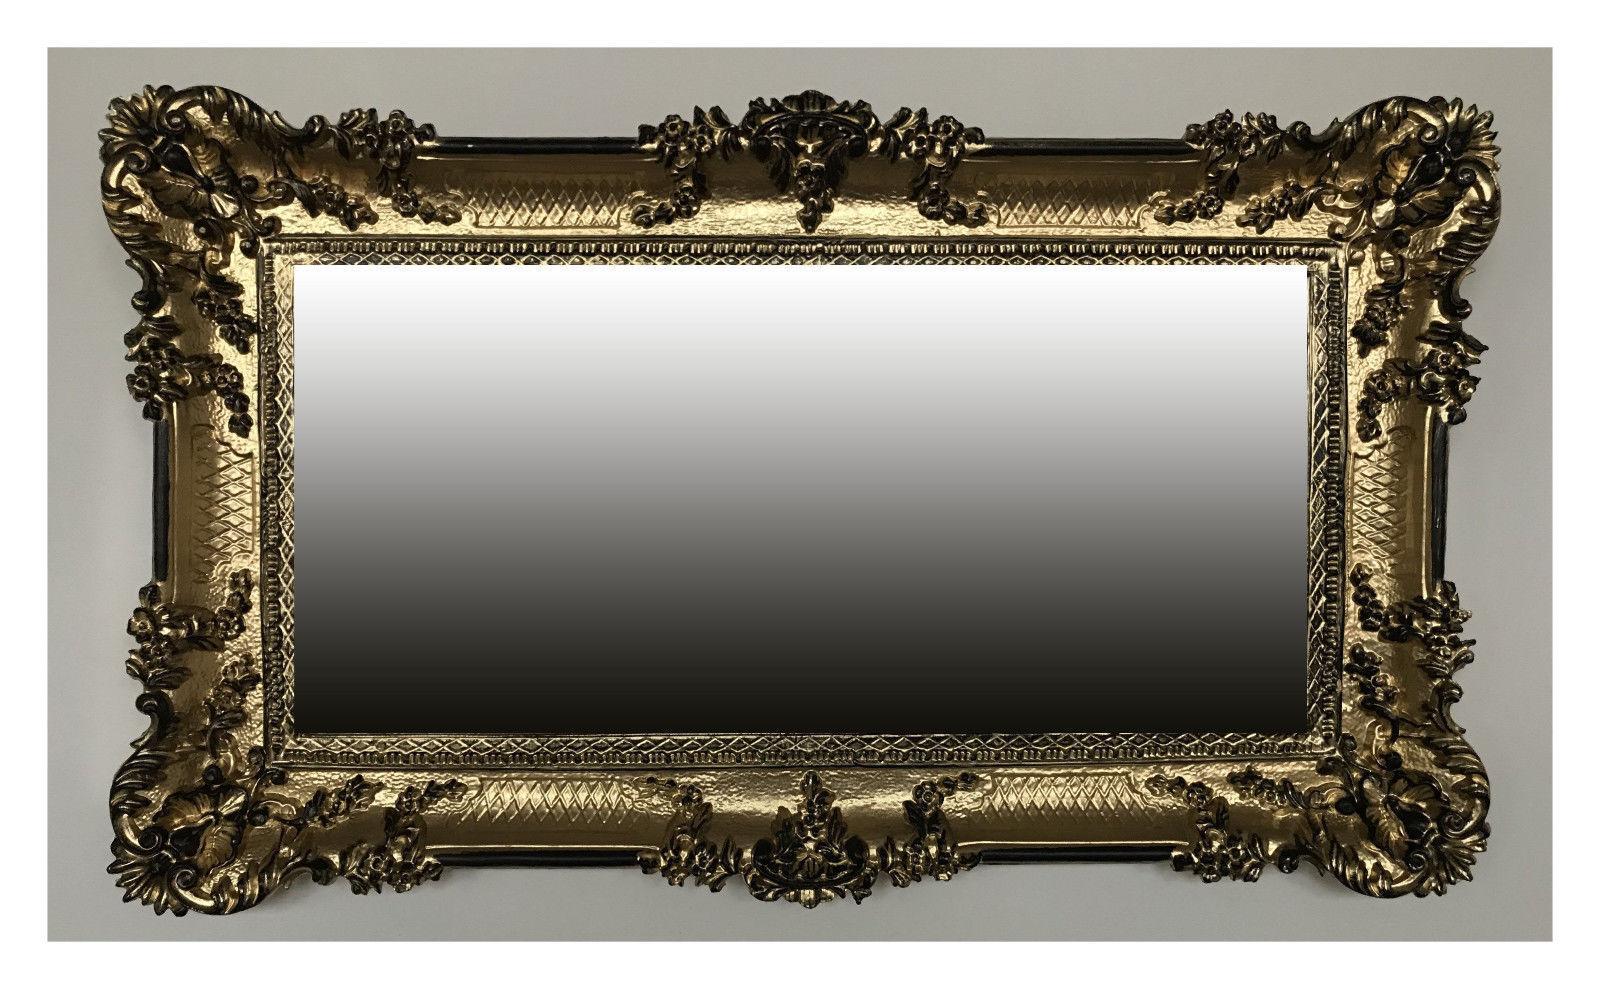 Miroir Mural Mural Miroir Argent 96x57 Antique Baroque Rococo Décoration Murale Luxuriös 6f071b